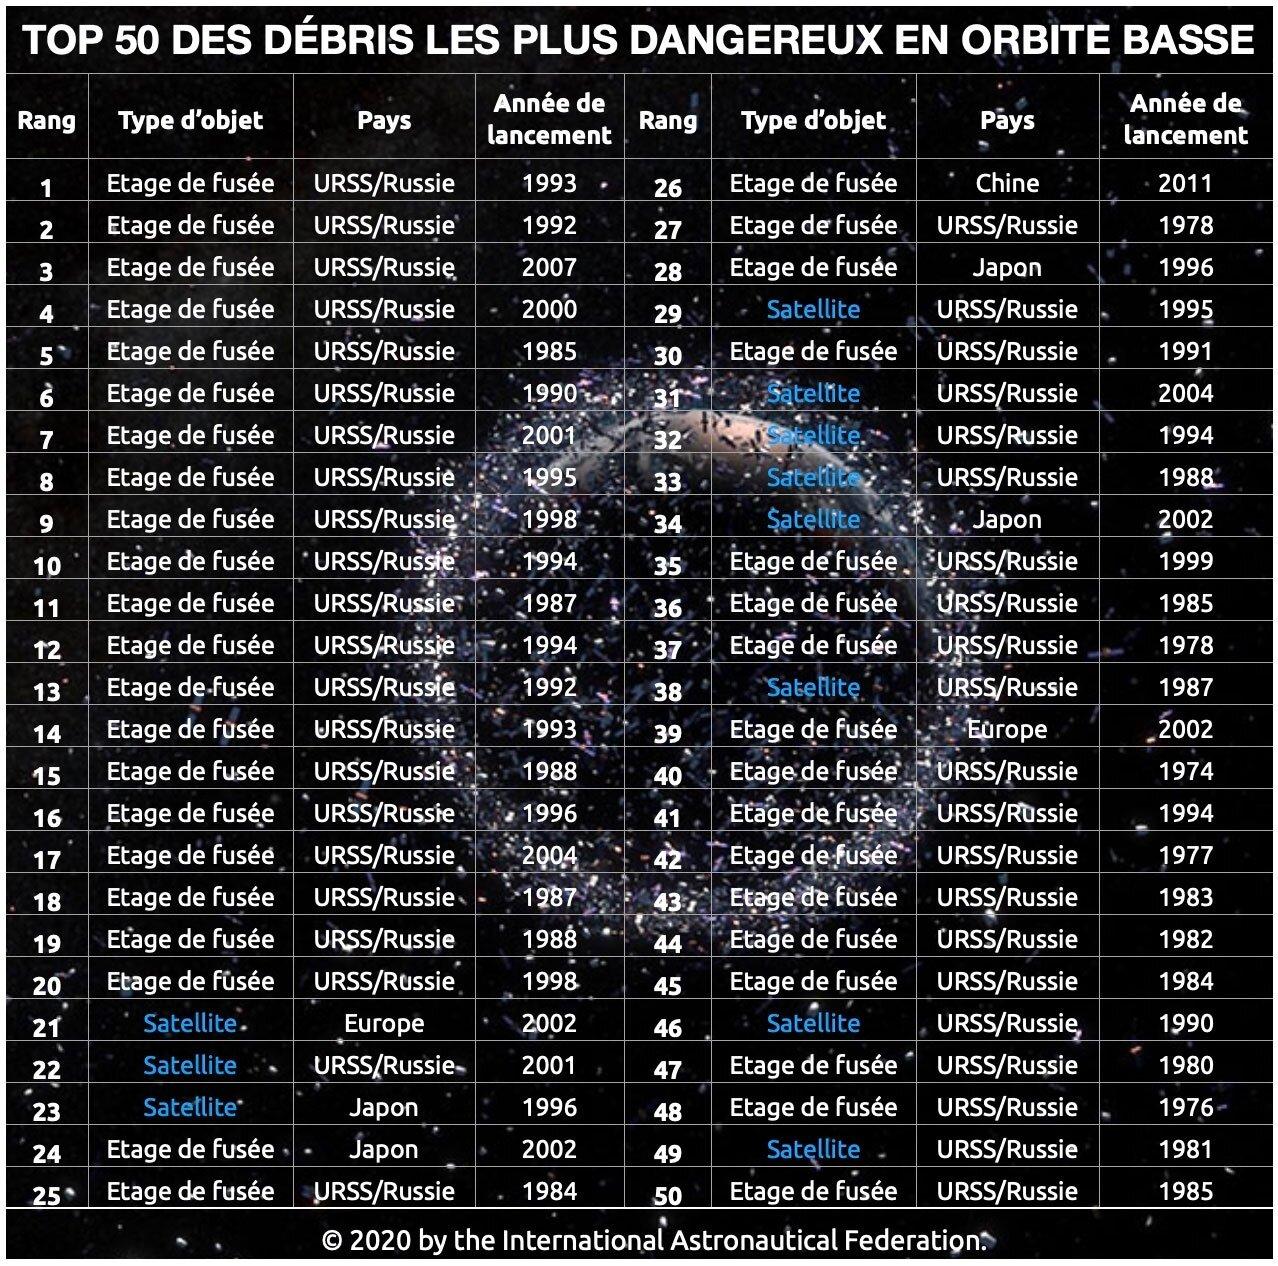 Top 50 Débris